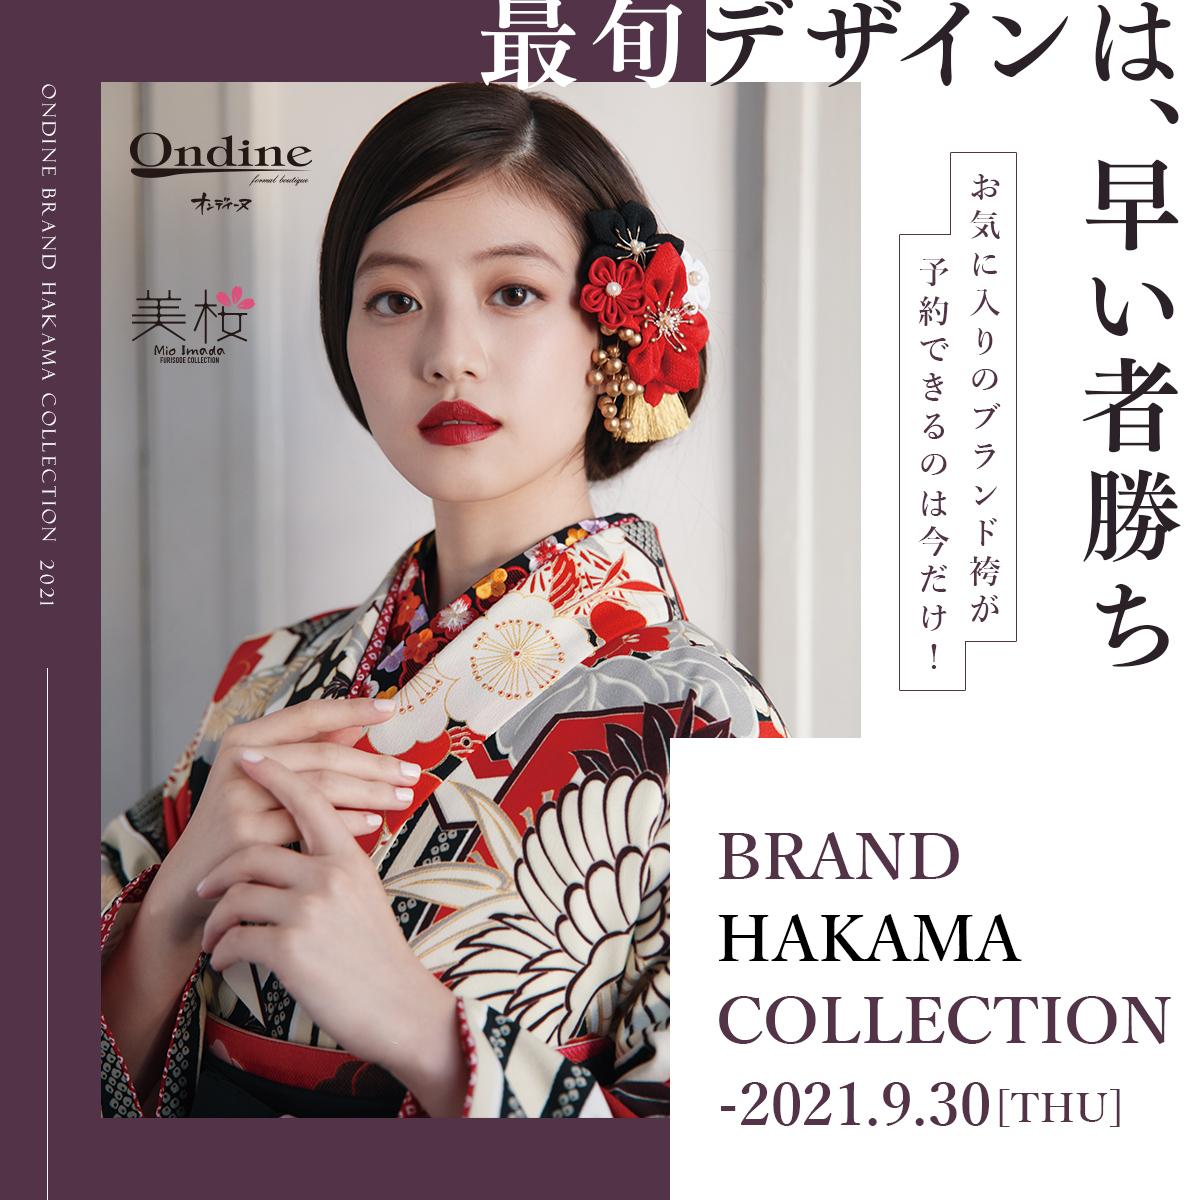 【宇都宮店】BRAND HAKAMA COLLECTION開催!